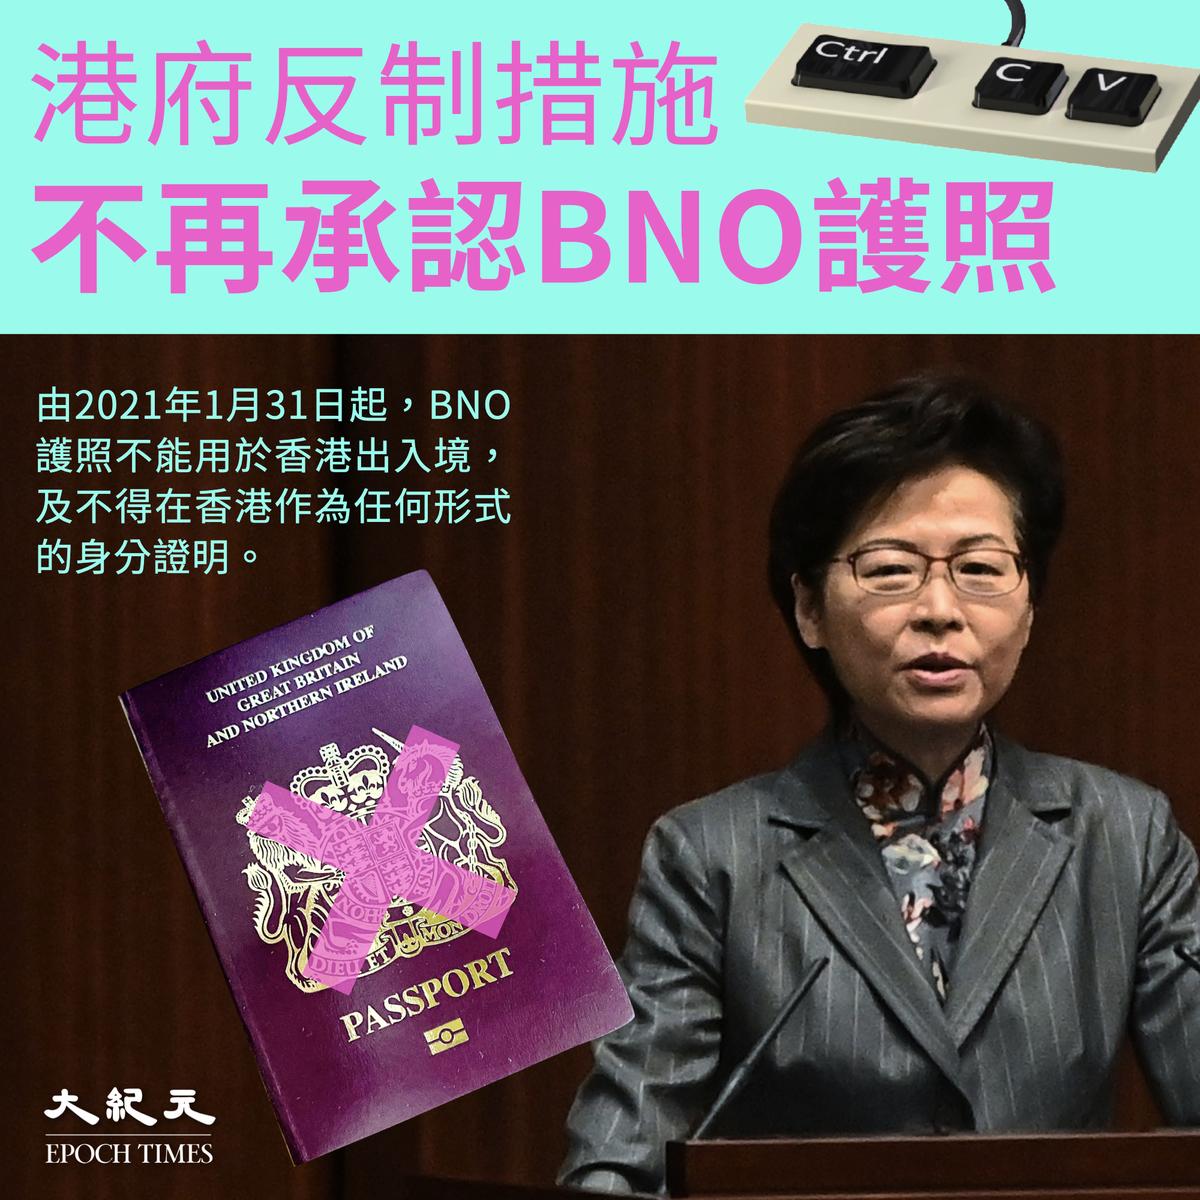 港府29日宣佈,自1月31日起不承認英國國民(海外)護照(BNO)作為有效旅行證件和身份證明。(大紀元製圖)